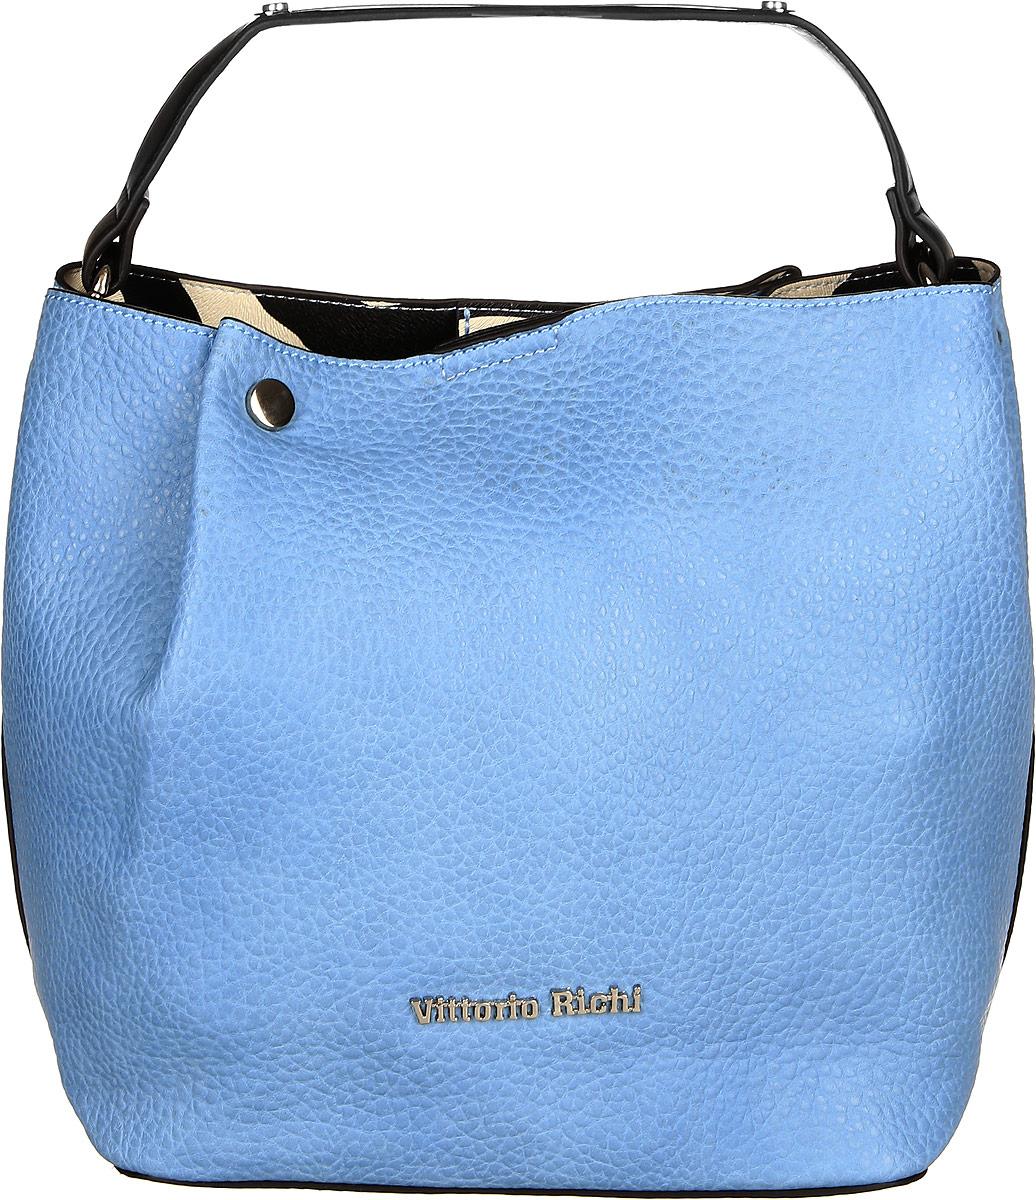 Сумка женская Vittorio Richi, цвет: голубой. 913304913304 azzurroСумка из экокожи на магнитной кнопке. Внутри подкладка из искусственной кожи, одно открытое отделение для мелочей. В комплекте наплечный ремень. Высота ручек 10см.